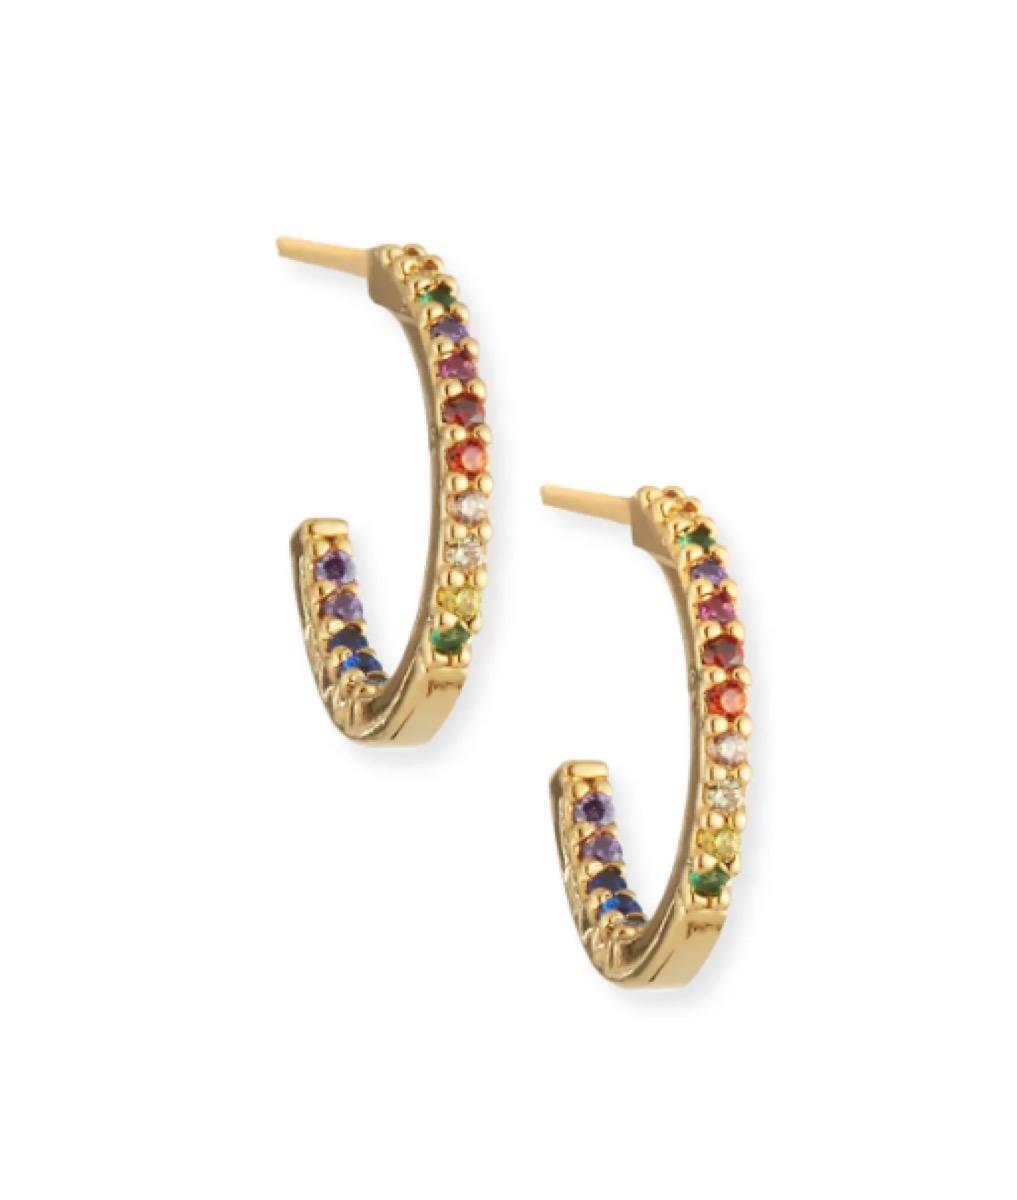 TRai Rainbow Hoop Earrings buy after holidays